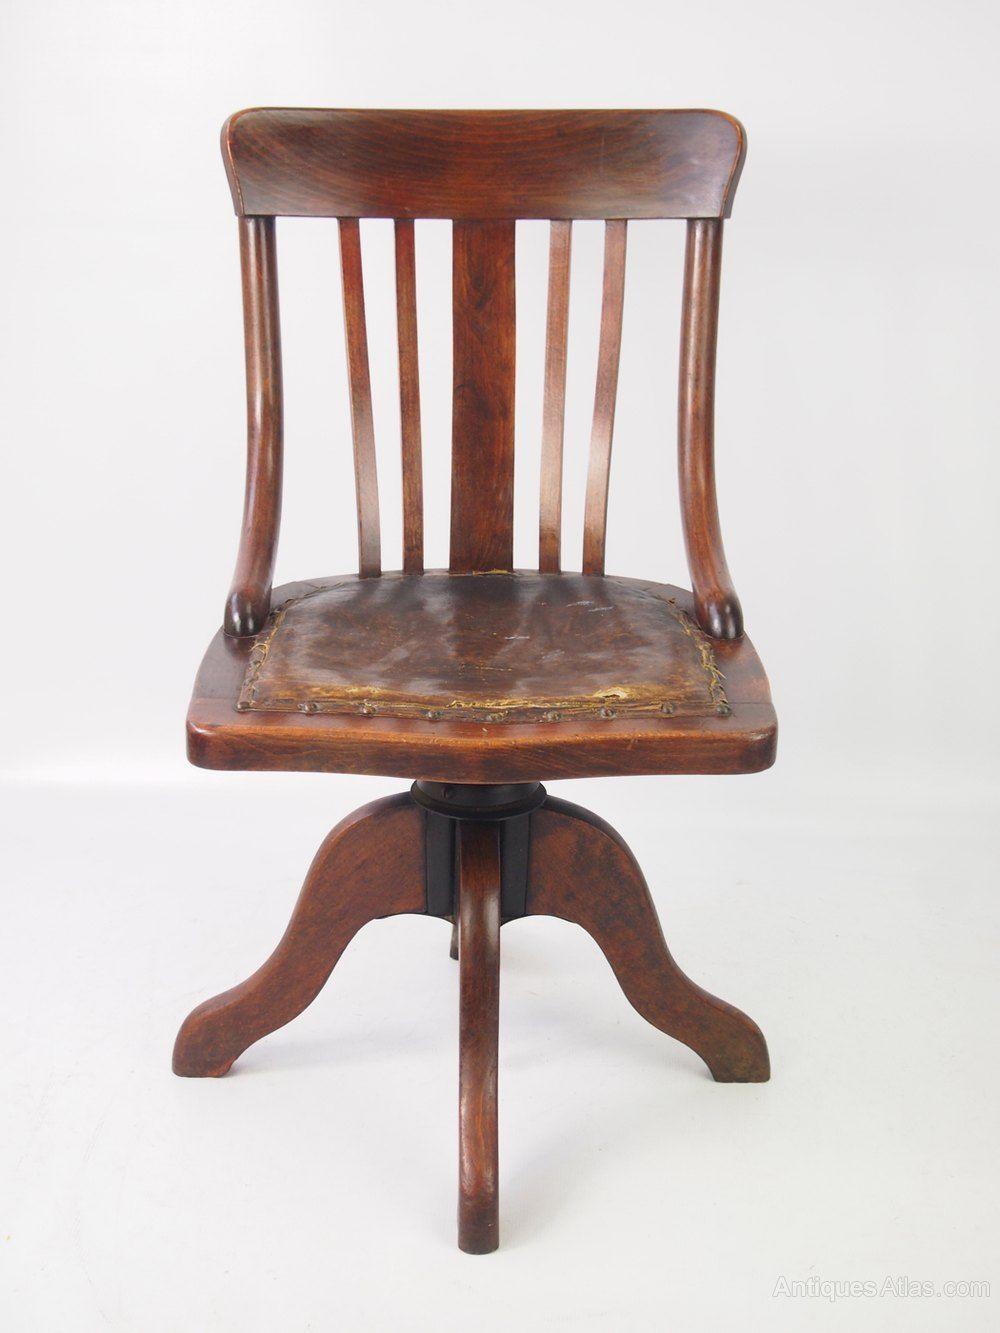 Small Antique Edwardian Swivel Desk Chair Antiques Atlas Antique